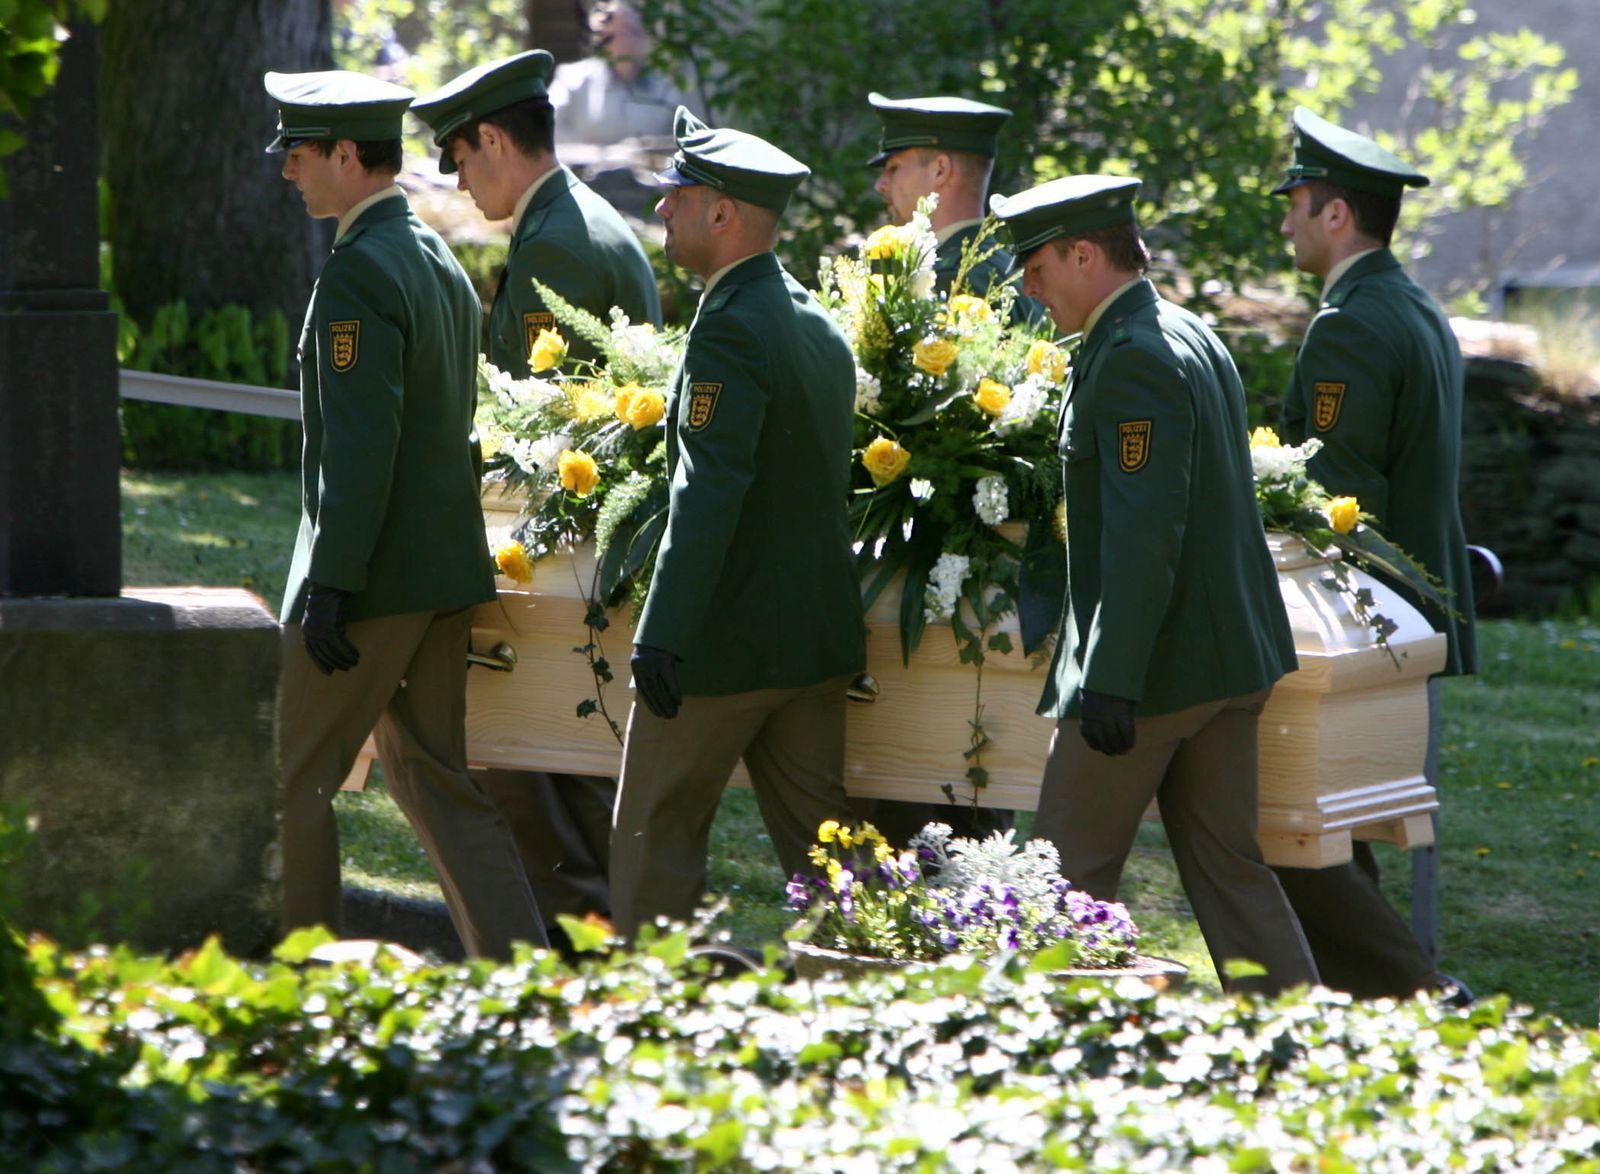 NICHT VERWENDEN Heilbronn/ Polizistenmord